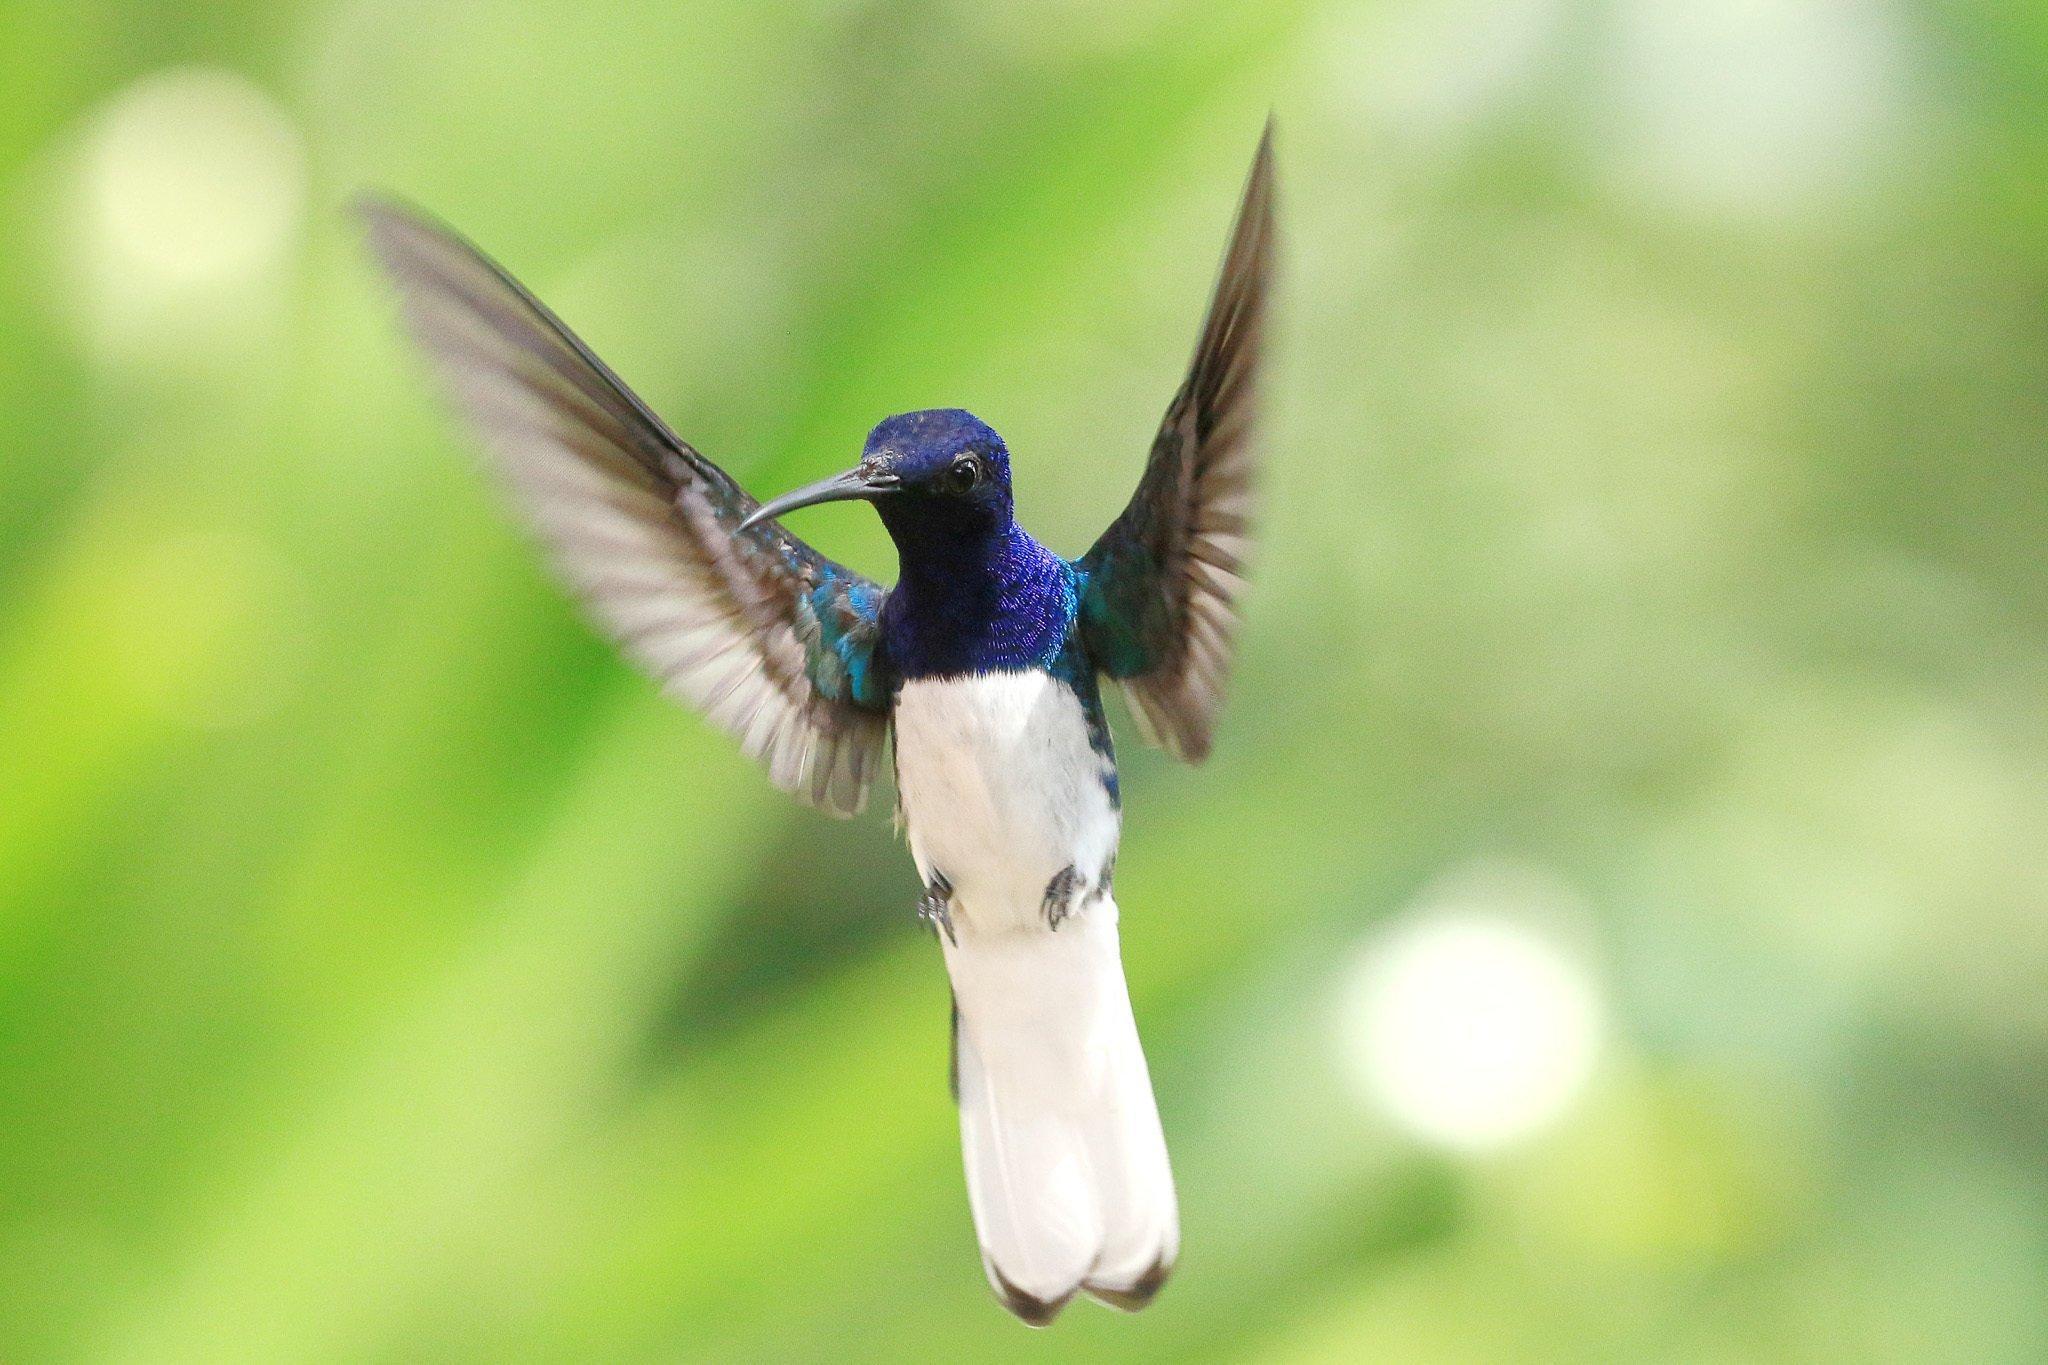 Ein Vogel mit langem Schnabel, dunkelblau glänzendem Kopf, schwarz-blauen Flügeln und weißem Bauch und Schwanzgefieder im Flug.